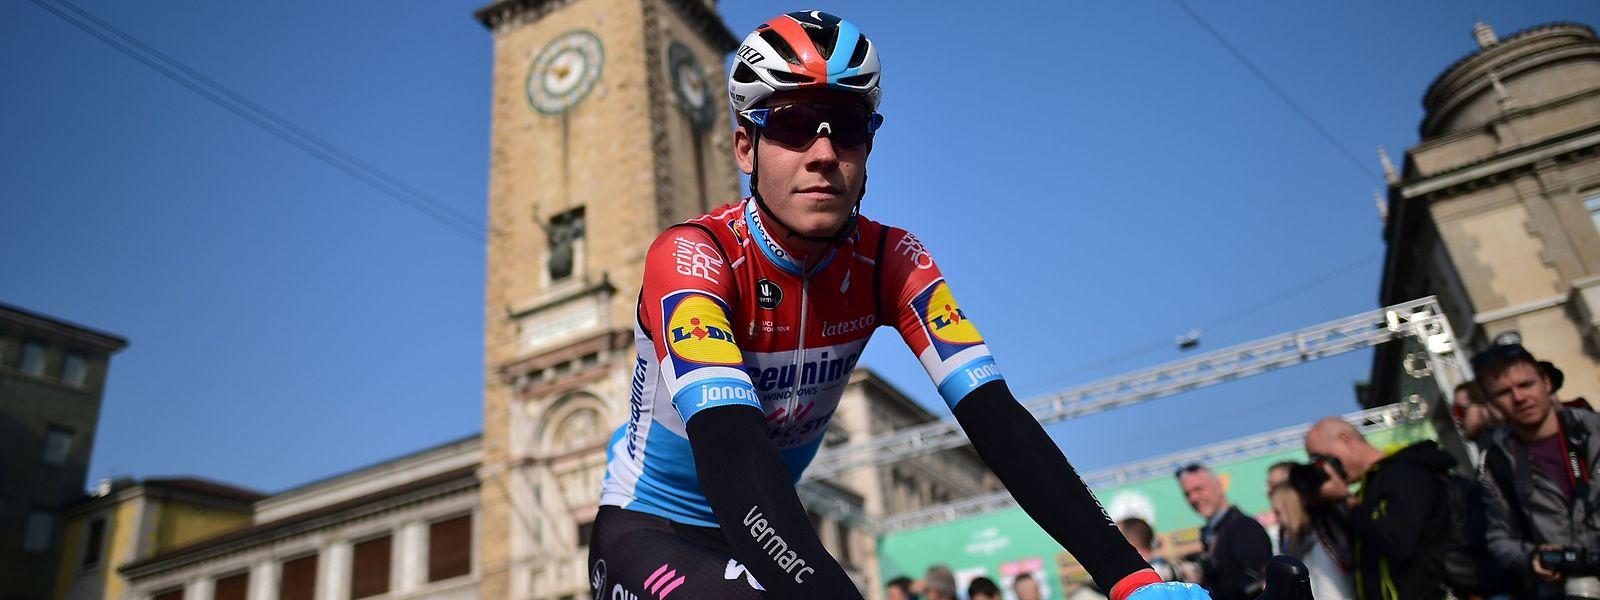 Le champion national Bob Jungels entamera sa saison 2020 au Tour de Colombie, du 11 au 16 février